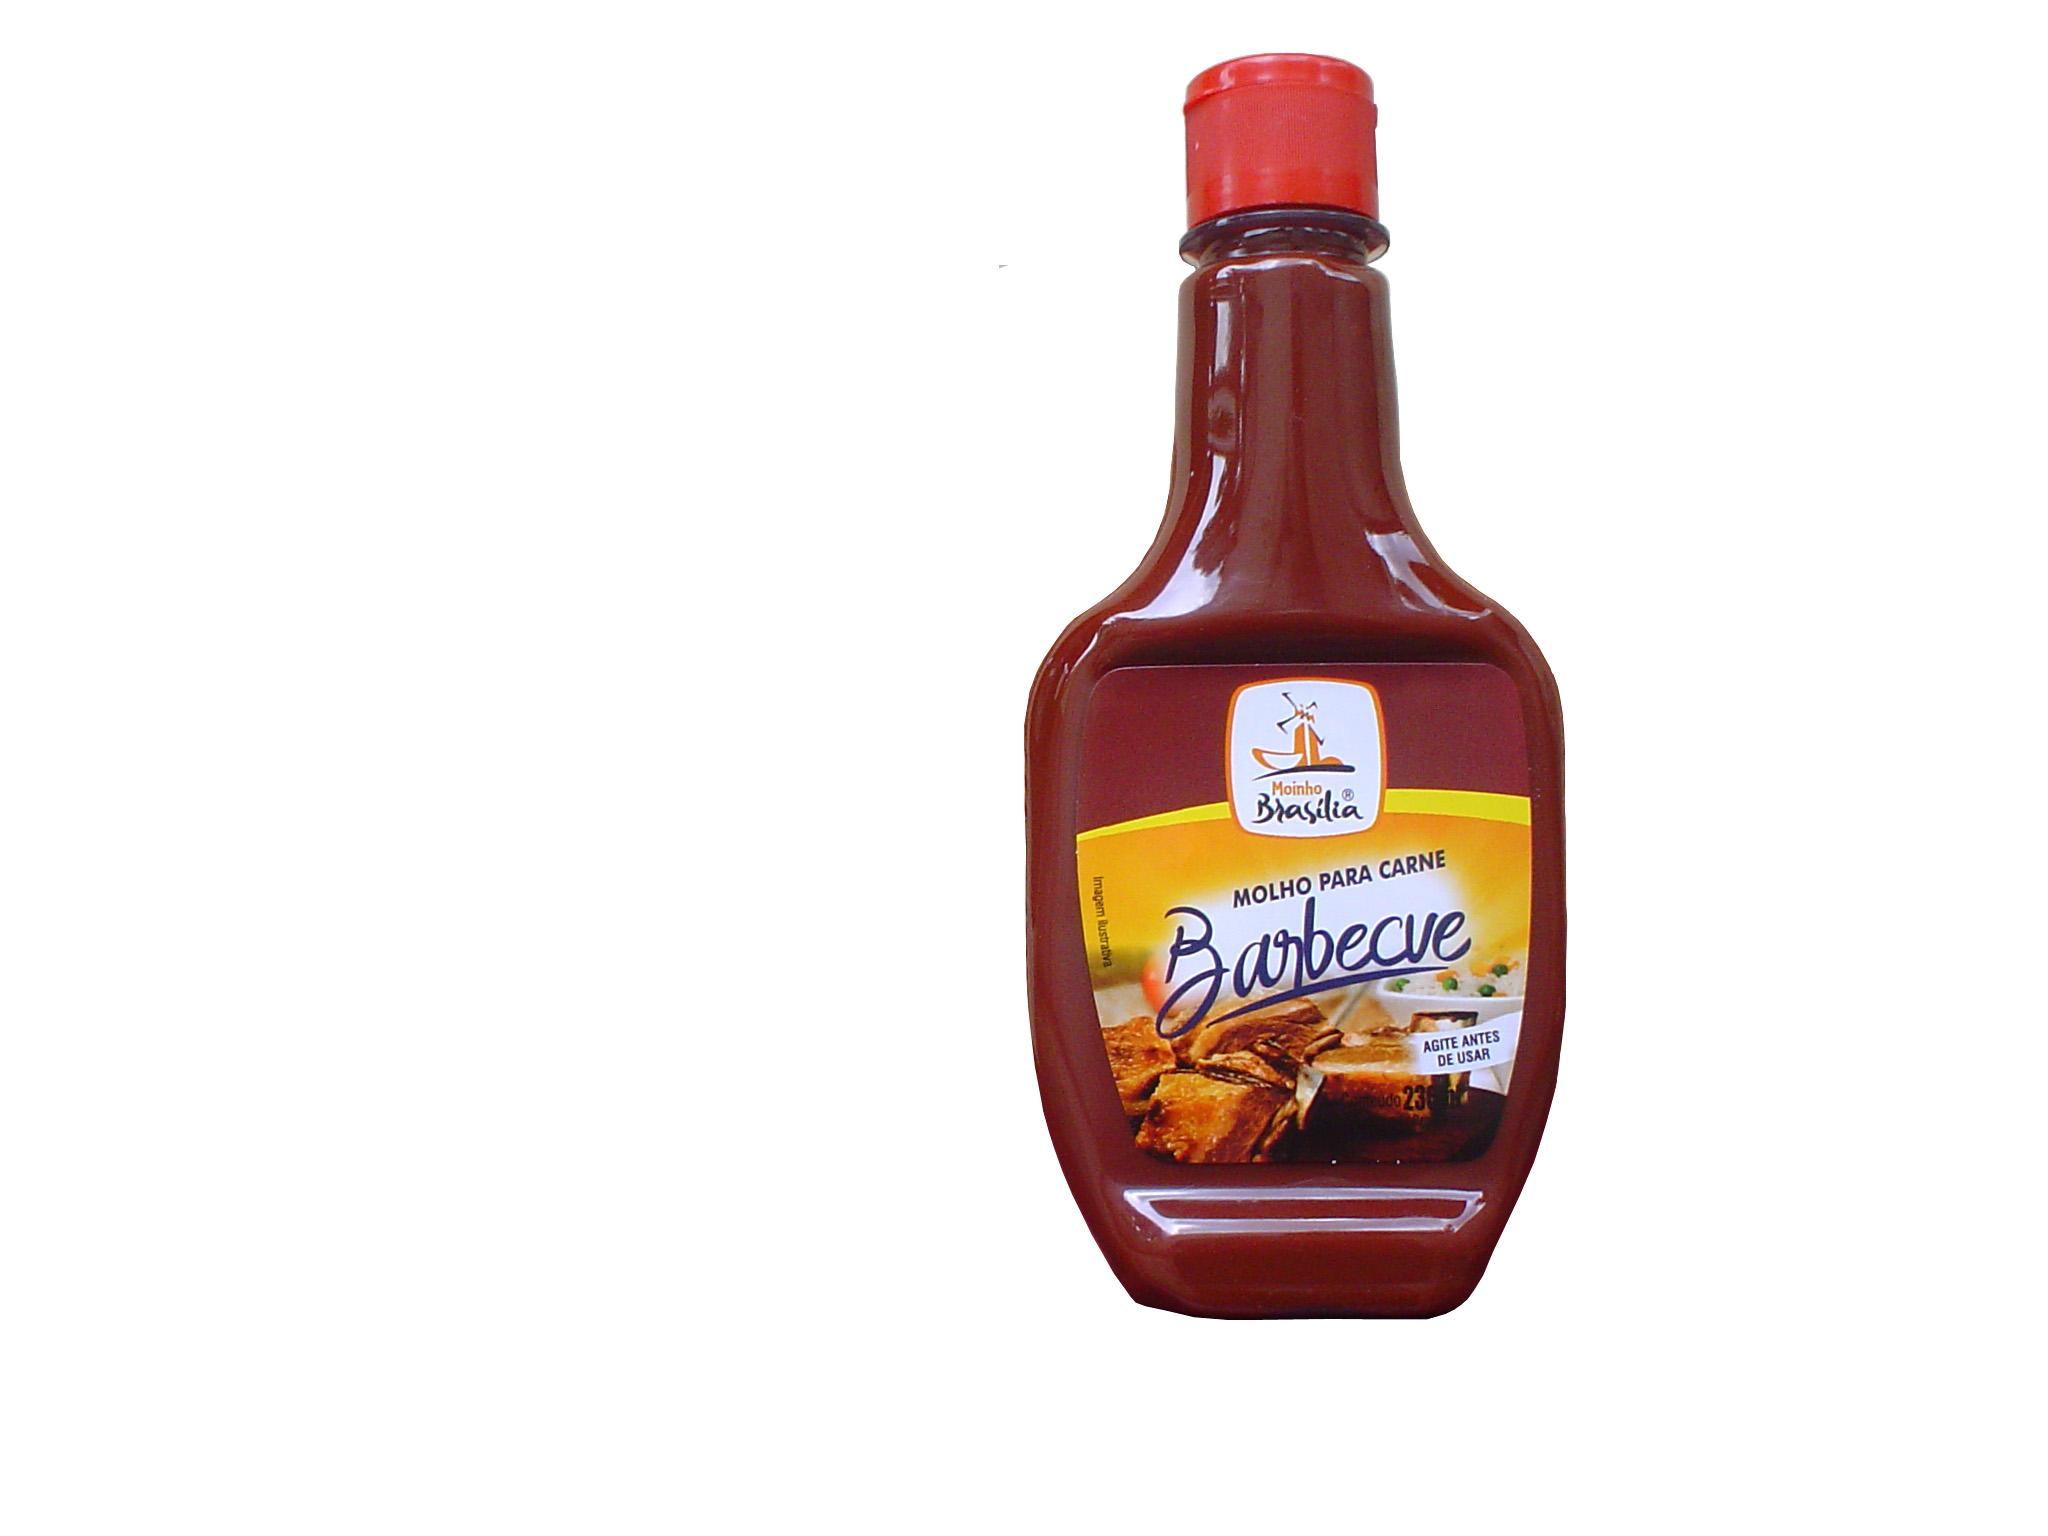 Cod.404-Molho para carne sabor barbecue 236ml